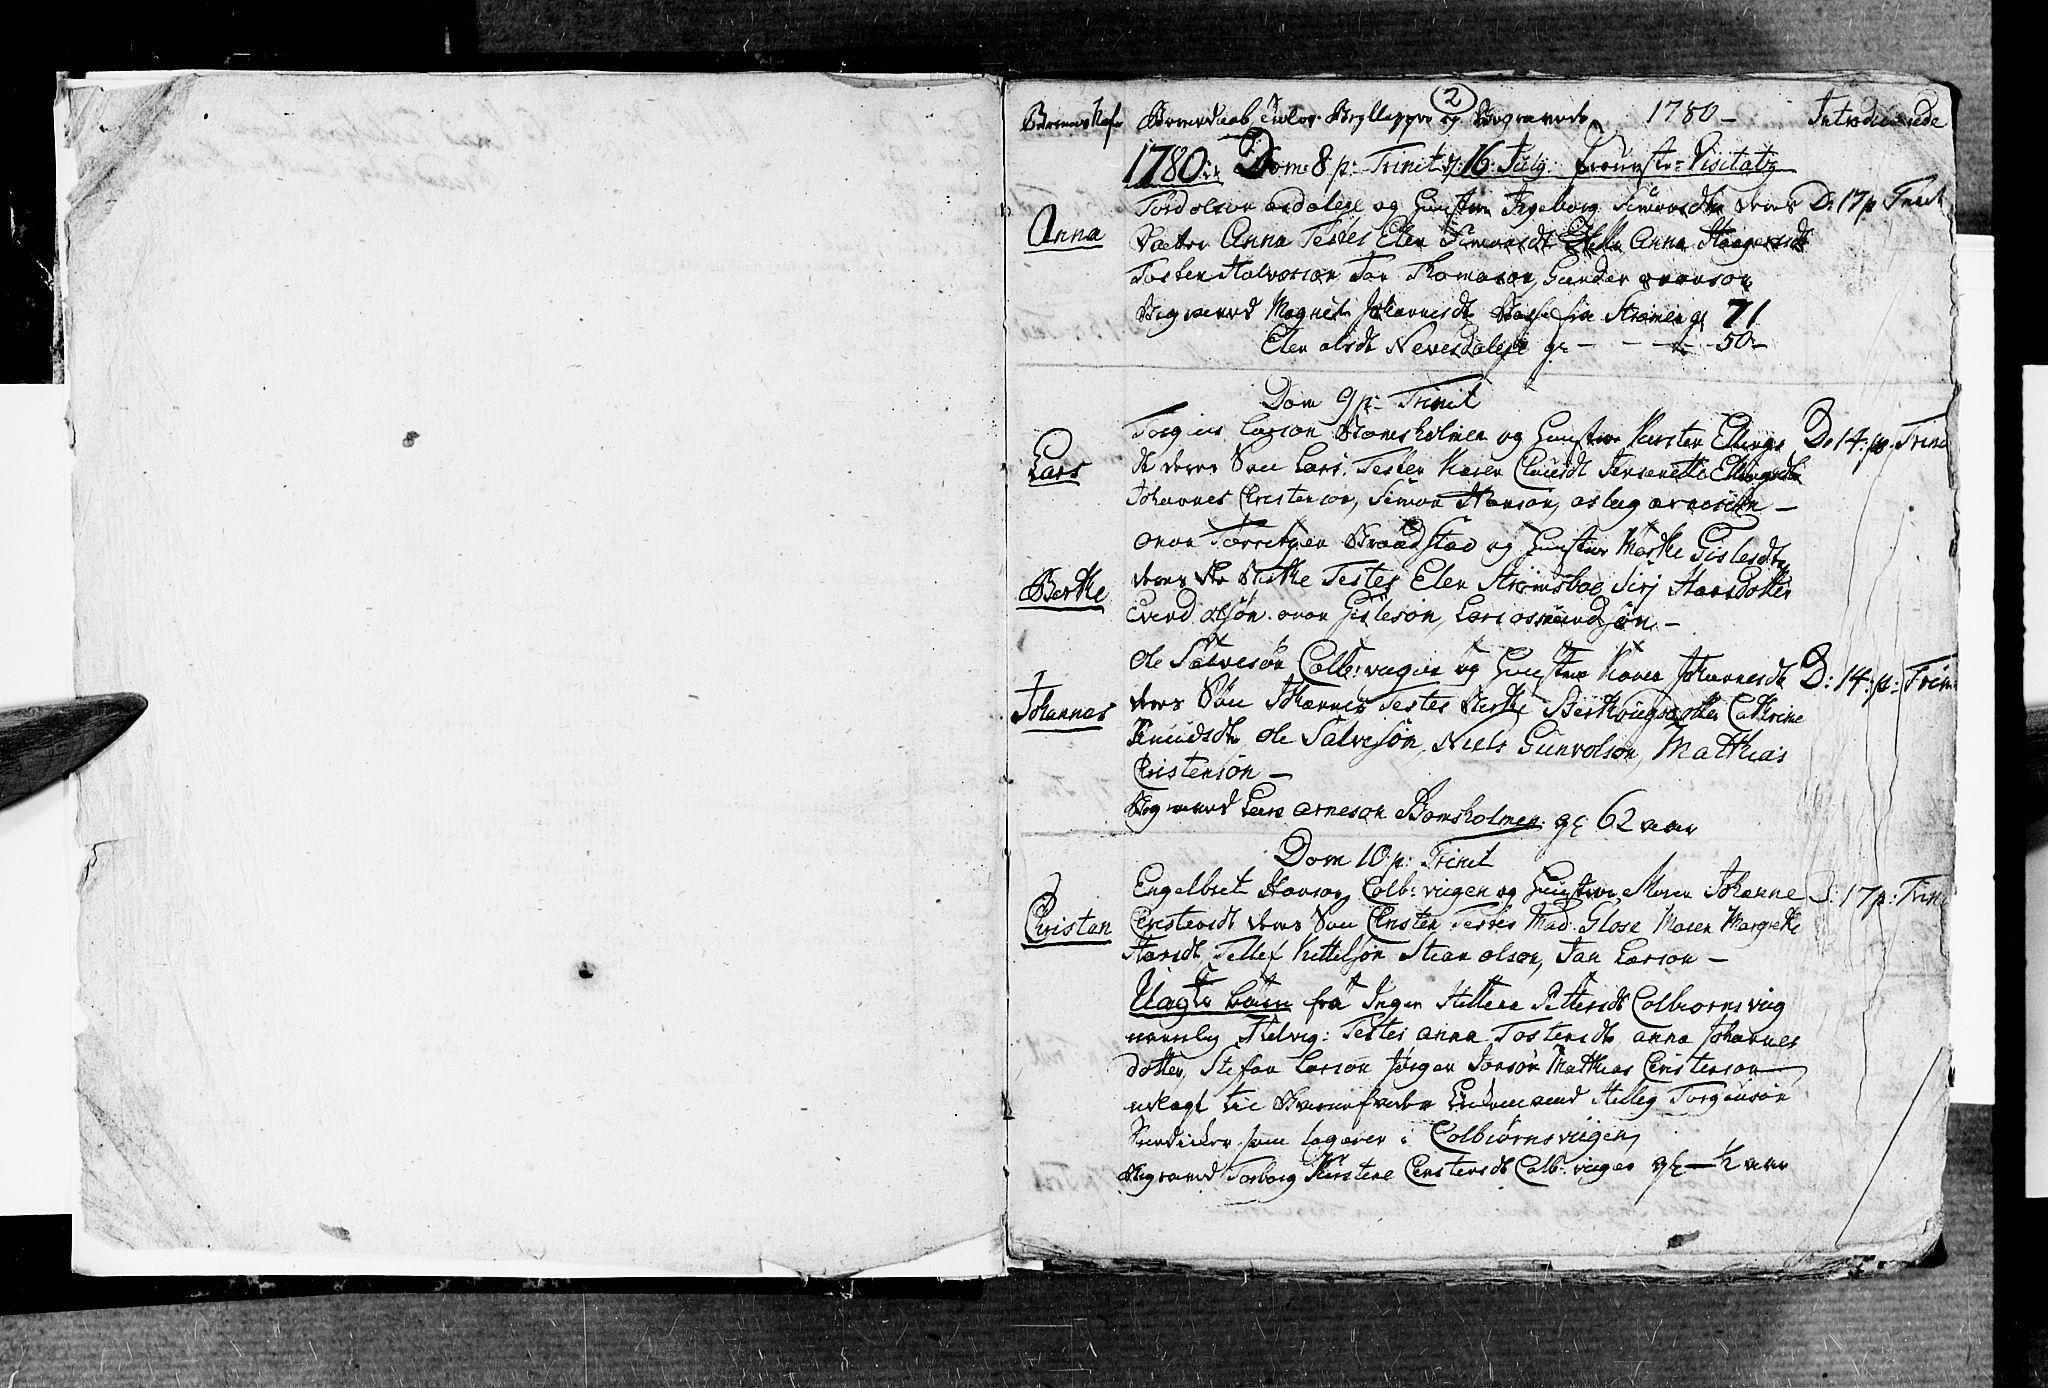 SAK, Øyestad sokneprestkontor, F/Fb/L0001: Klokkerbok nr. B 1, 1780-1794, s. 2